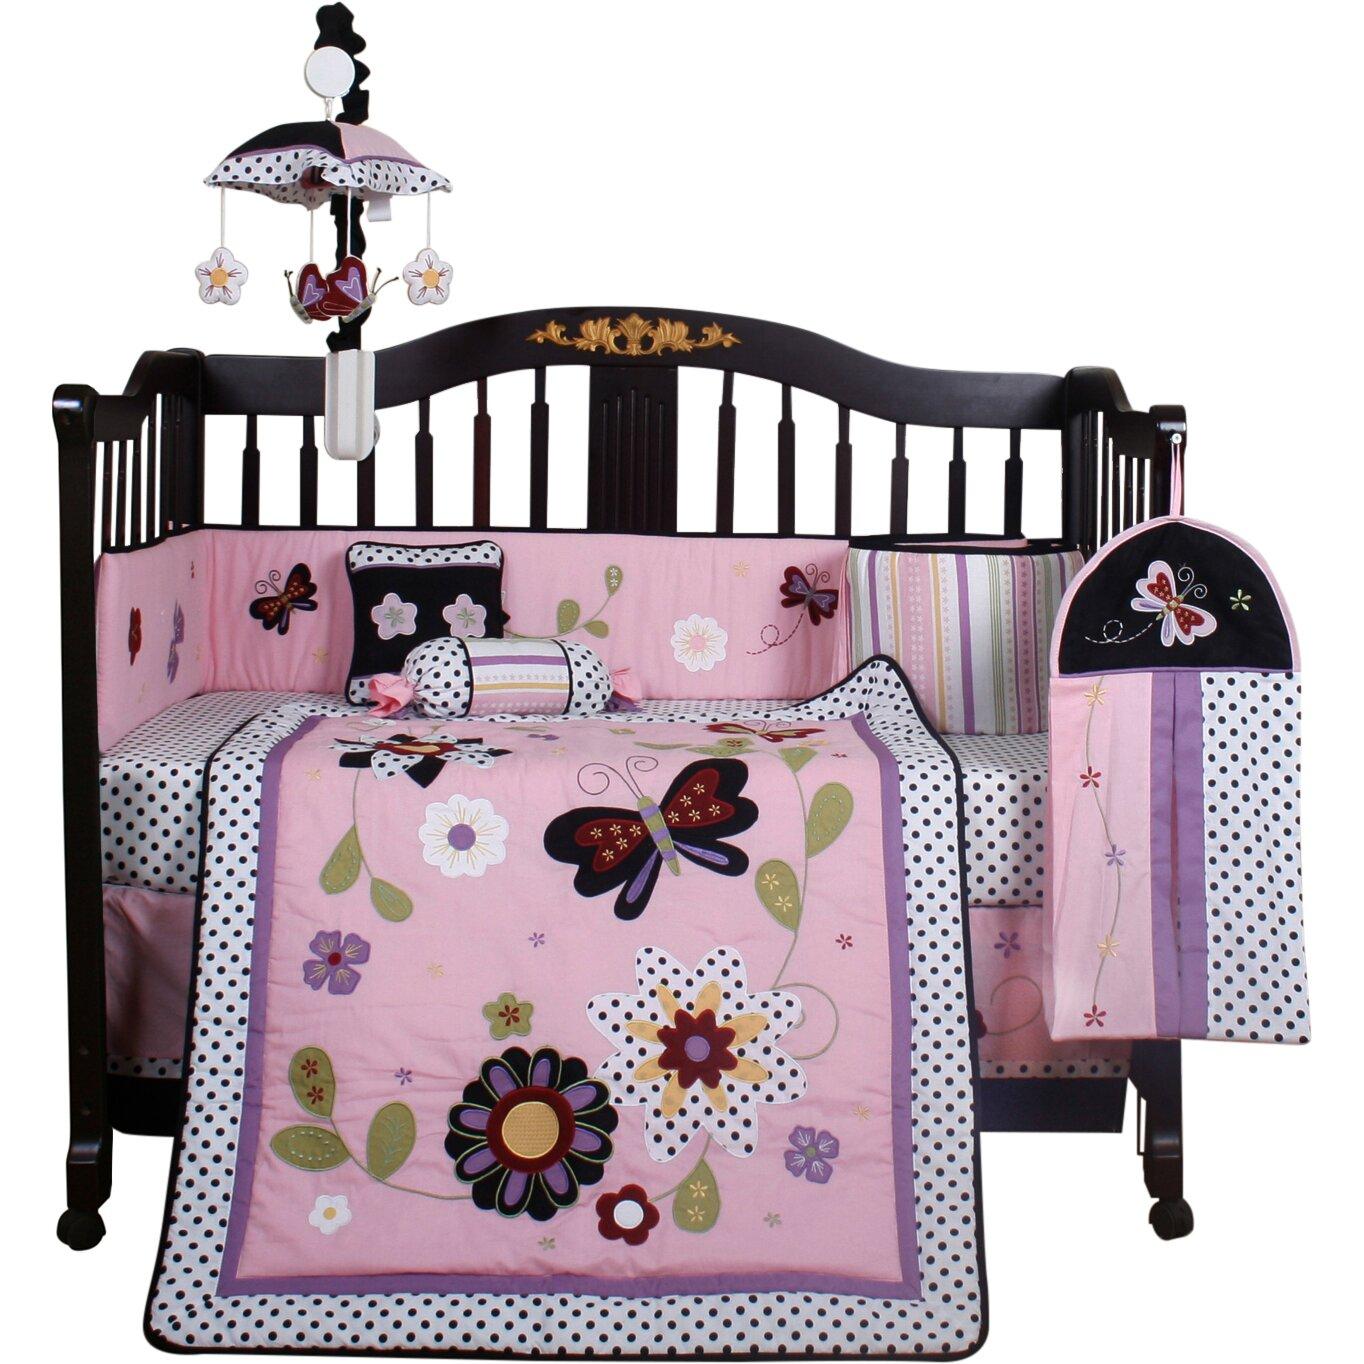 Geenny Boutique Daisy Garden 13 Piece Crib Bedding Set ...